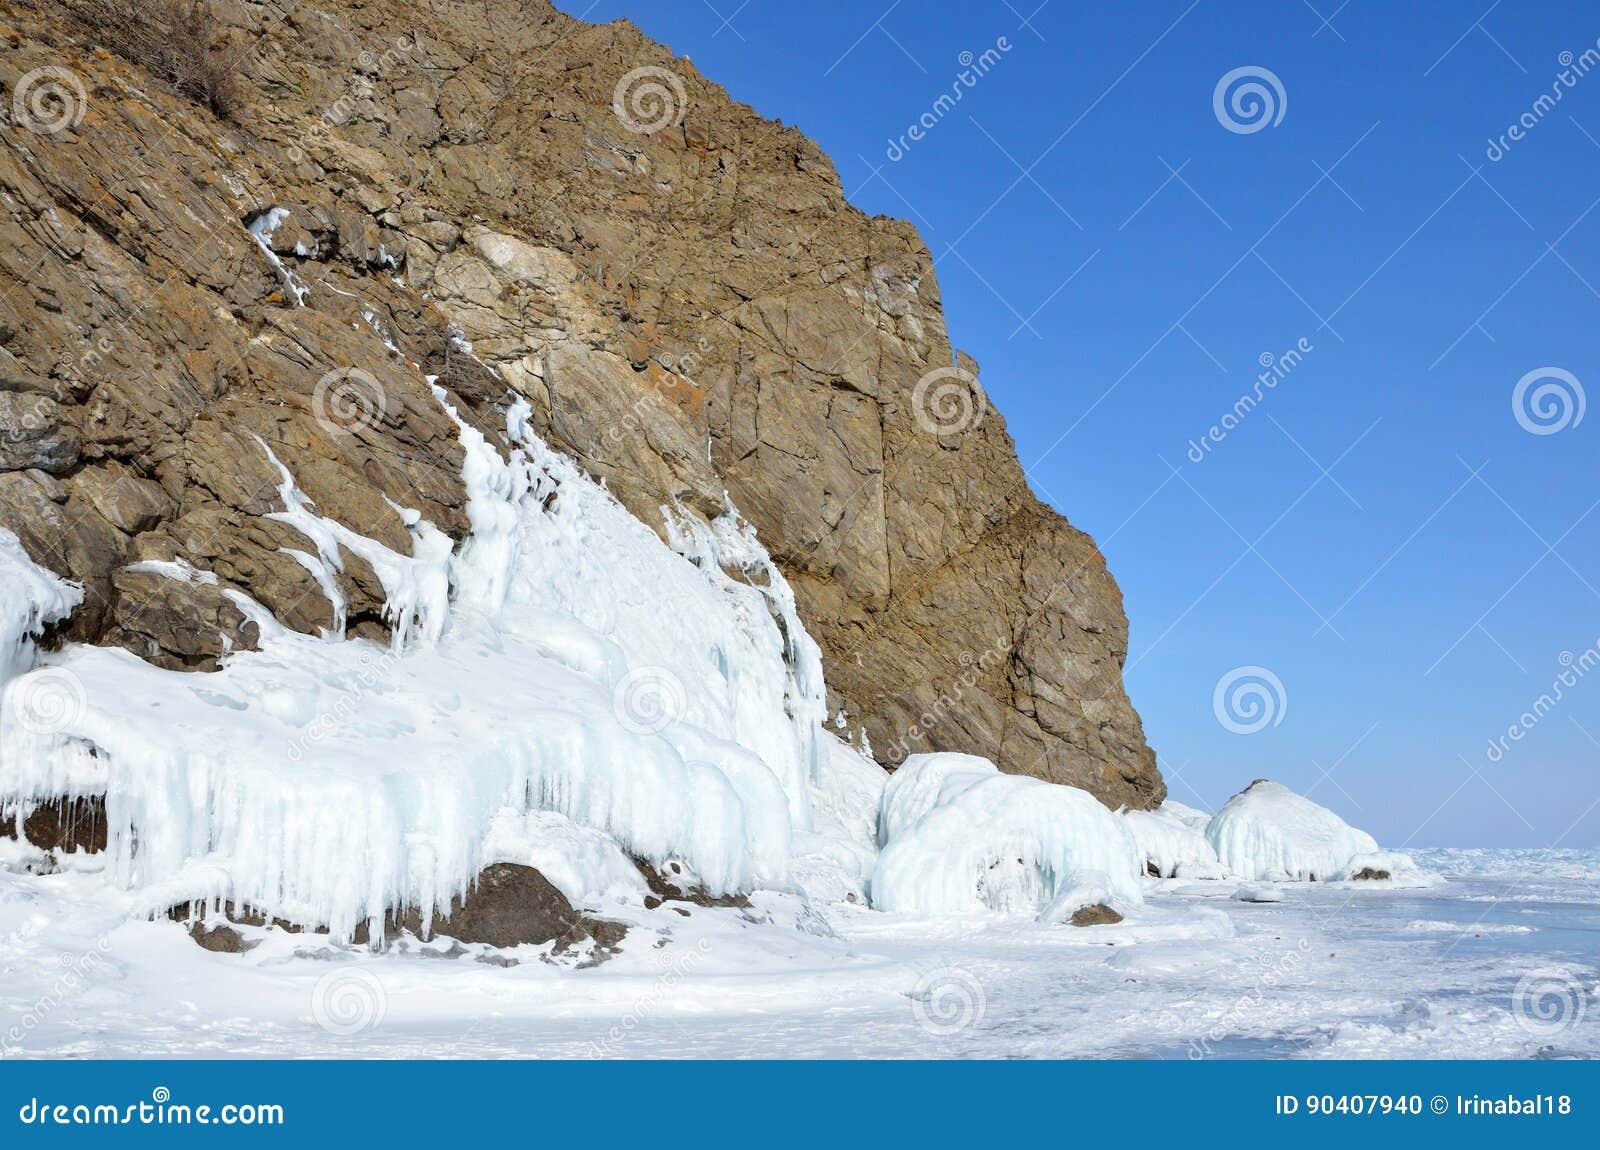 Ρωσία, Σιβηρία, λίμνη Baikal, νησί Olkhon, ακρωτήριο Khoboy το χειμώνα